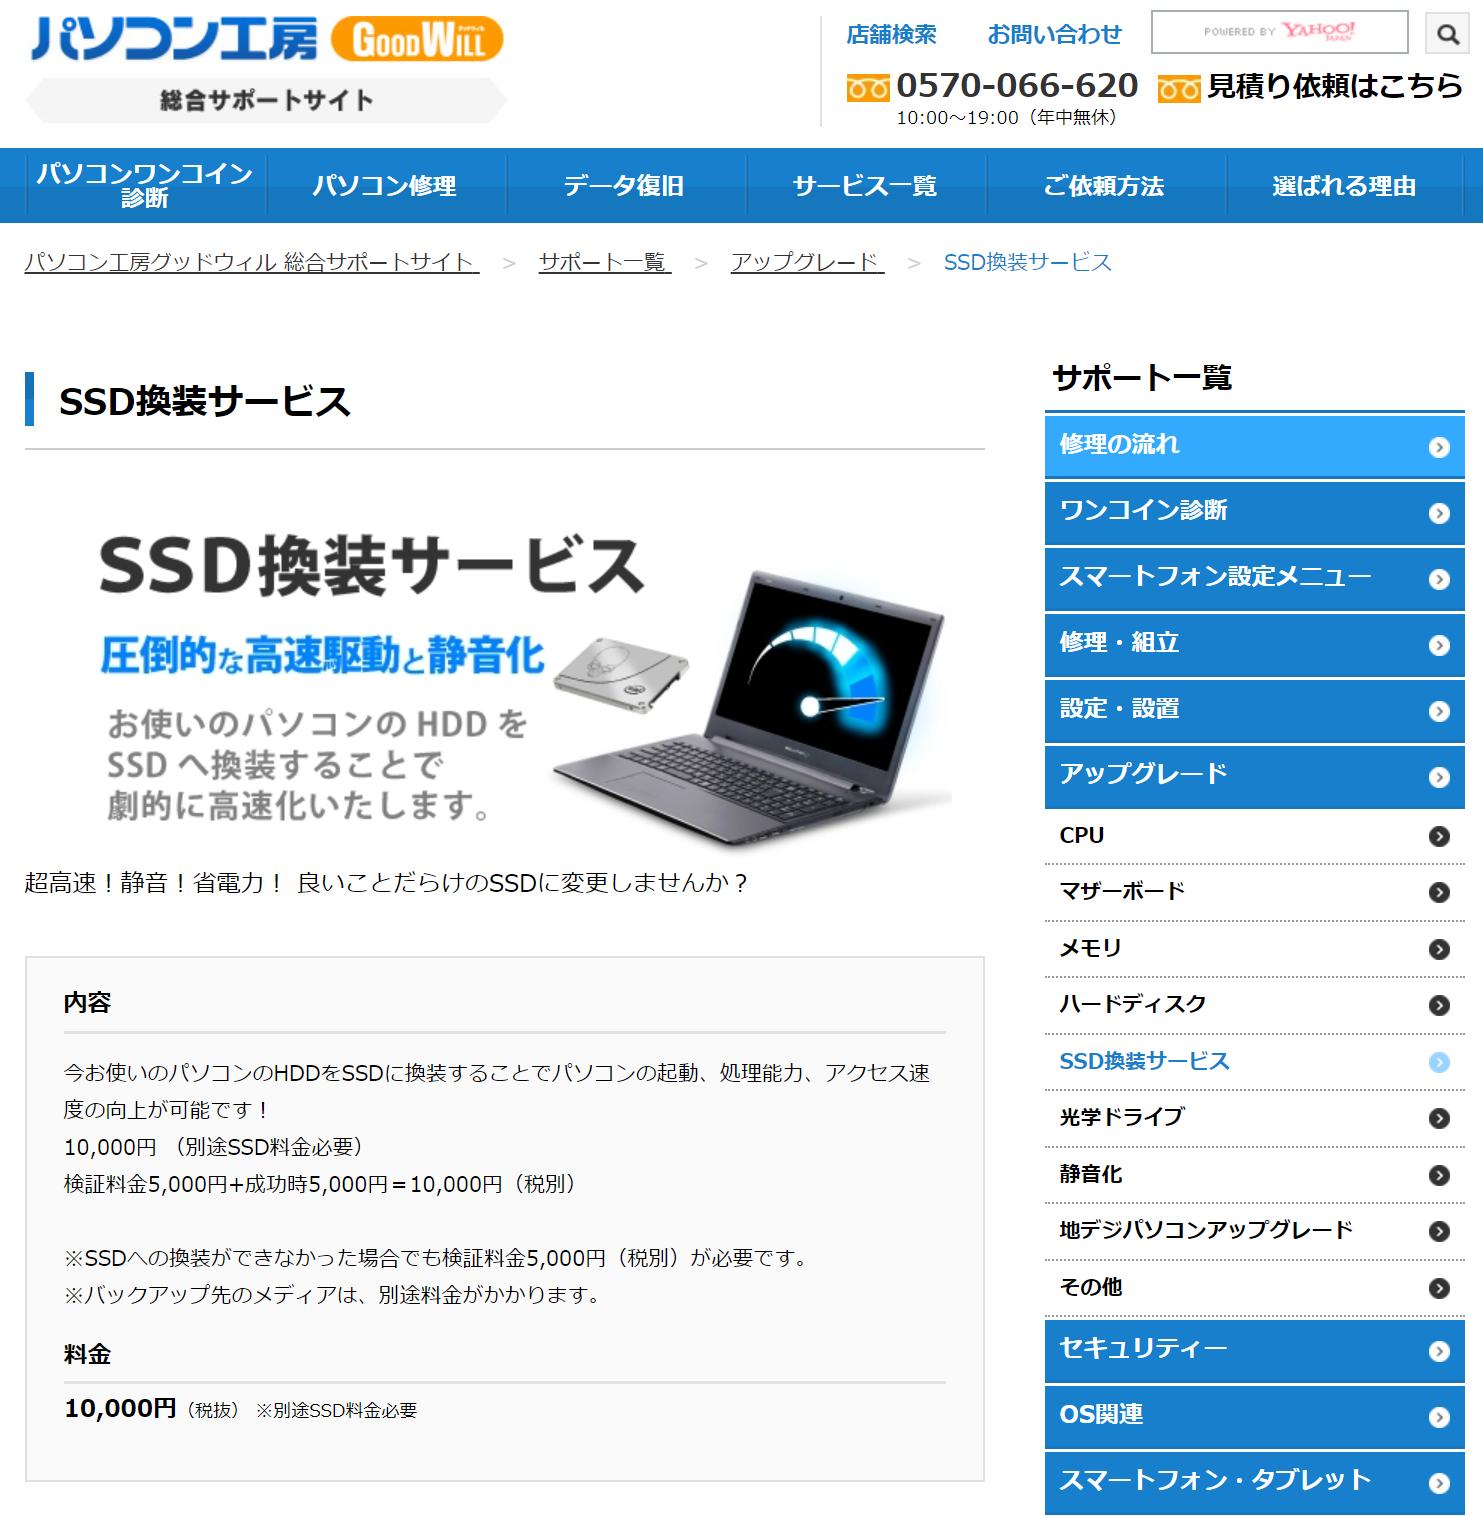 """店頭持ち込みのほか、Web申し込みのピックアップサポートもあるパソコン工房の「<a href=""""https://pc-support.unitcom.co.jp/support/upgrade/ssd-exchange.php"""" class=""""n"""" target=""""_blank"""">SSD換装サービス</a>」"""